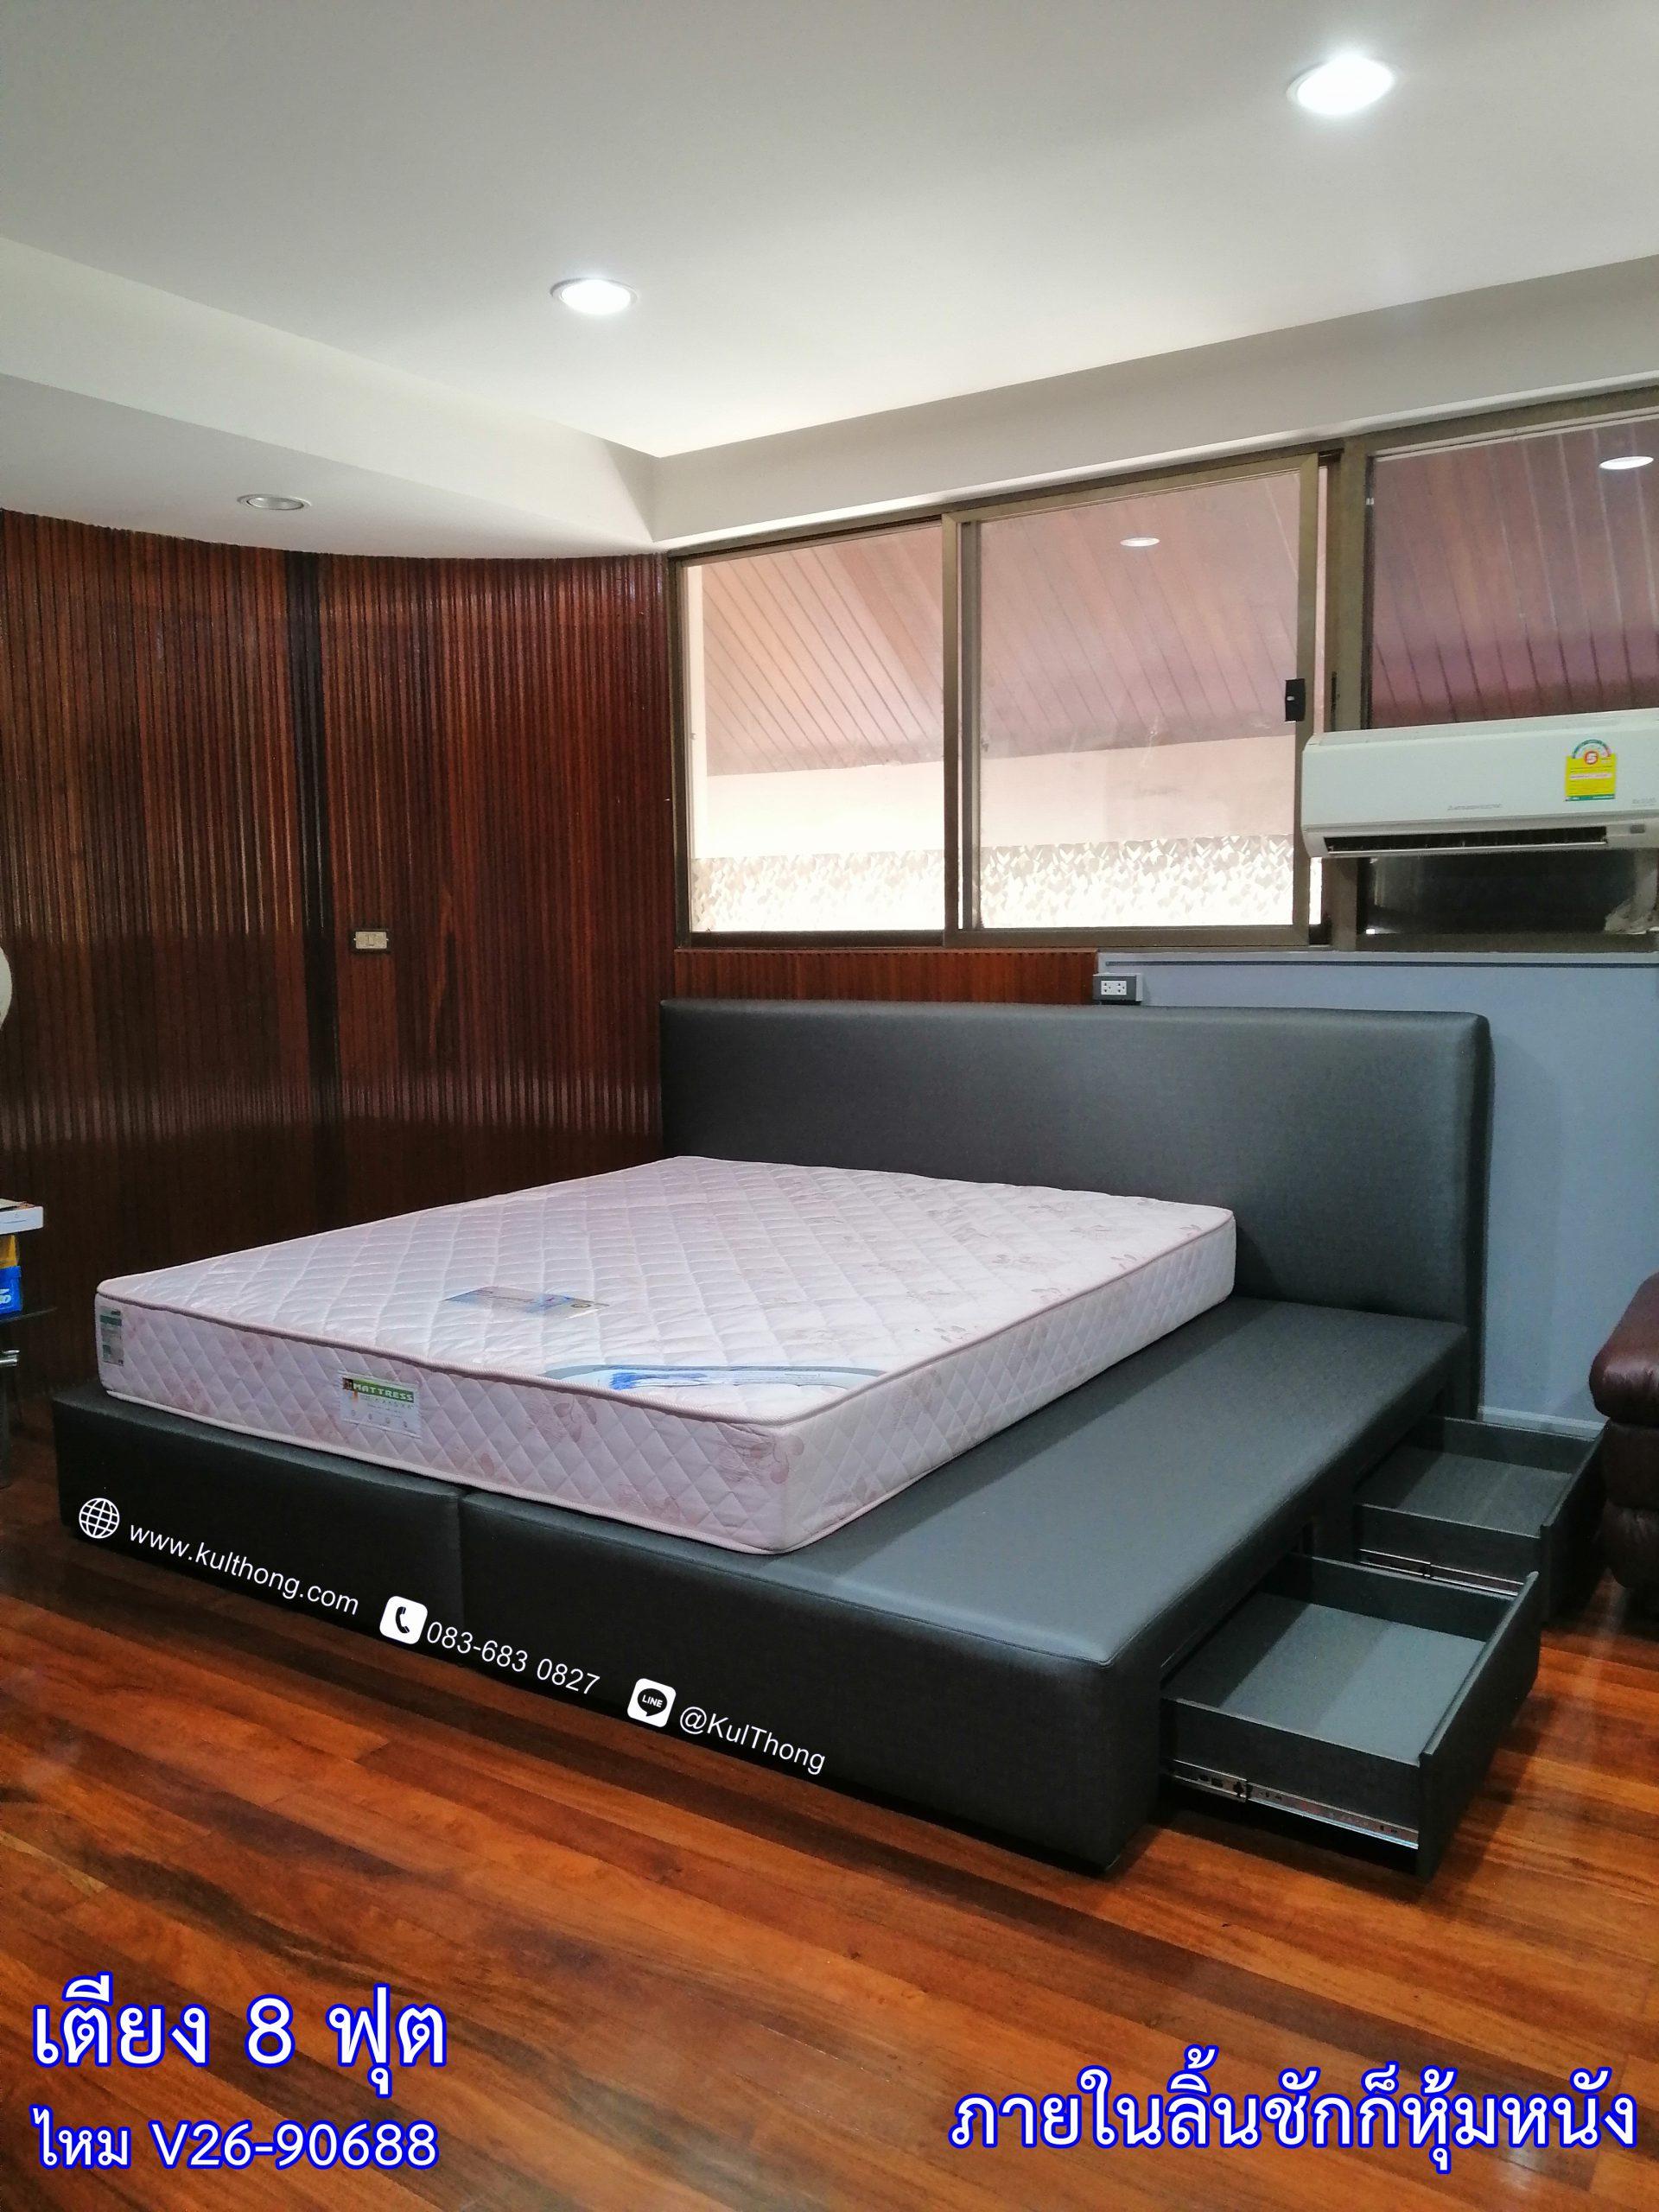 เตียงลิ้นชักหุ้มหนัง เตียงมีลิ้นชัก เตียงขนาดใหญ่